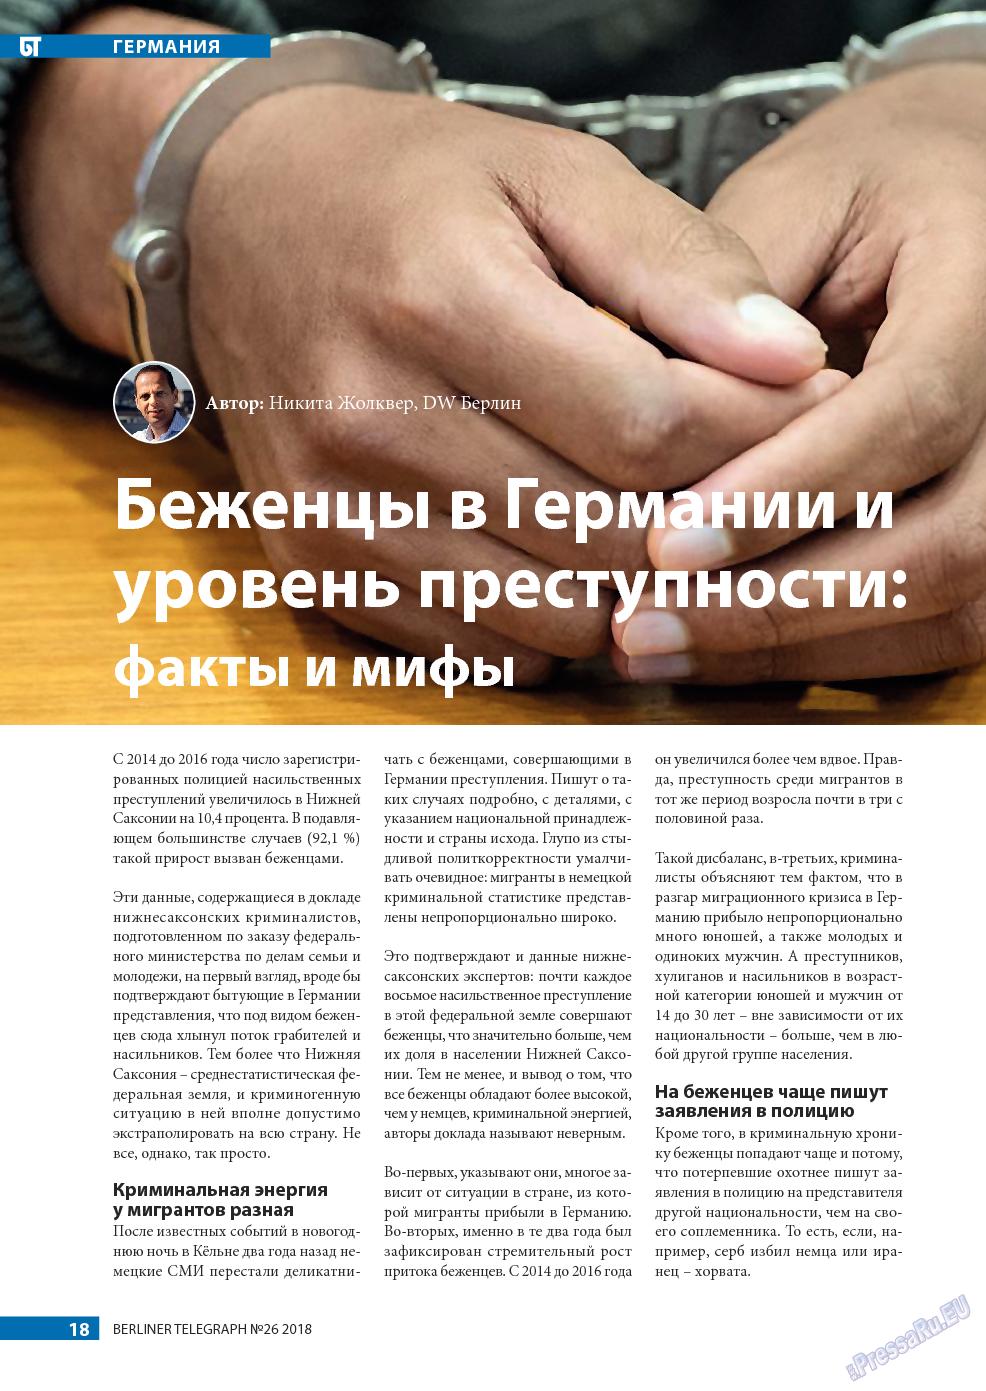 Берлинский телеграф (журнал). 2018 год, номер 26, стр. 18